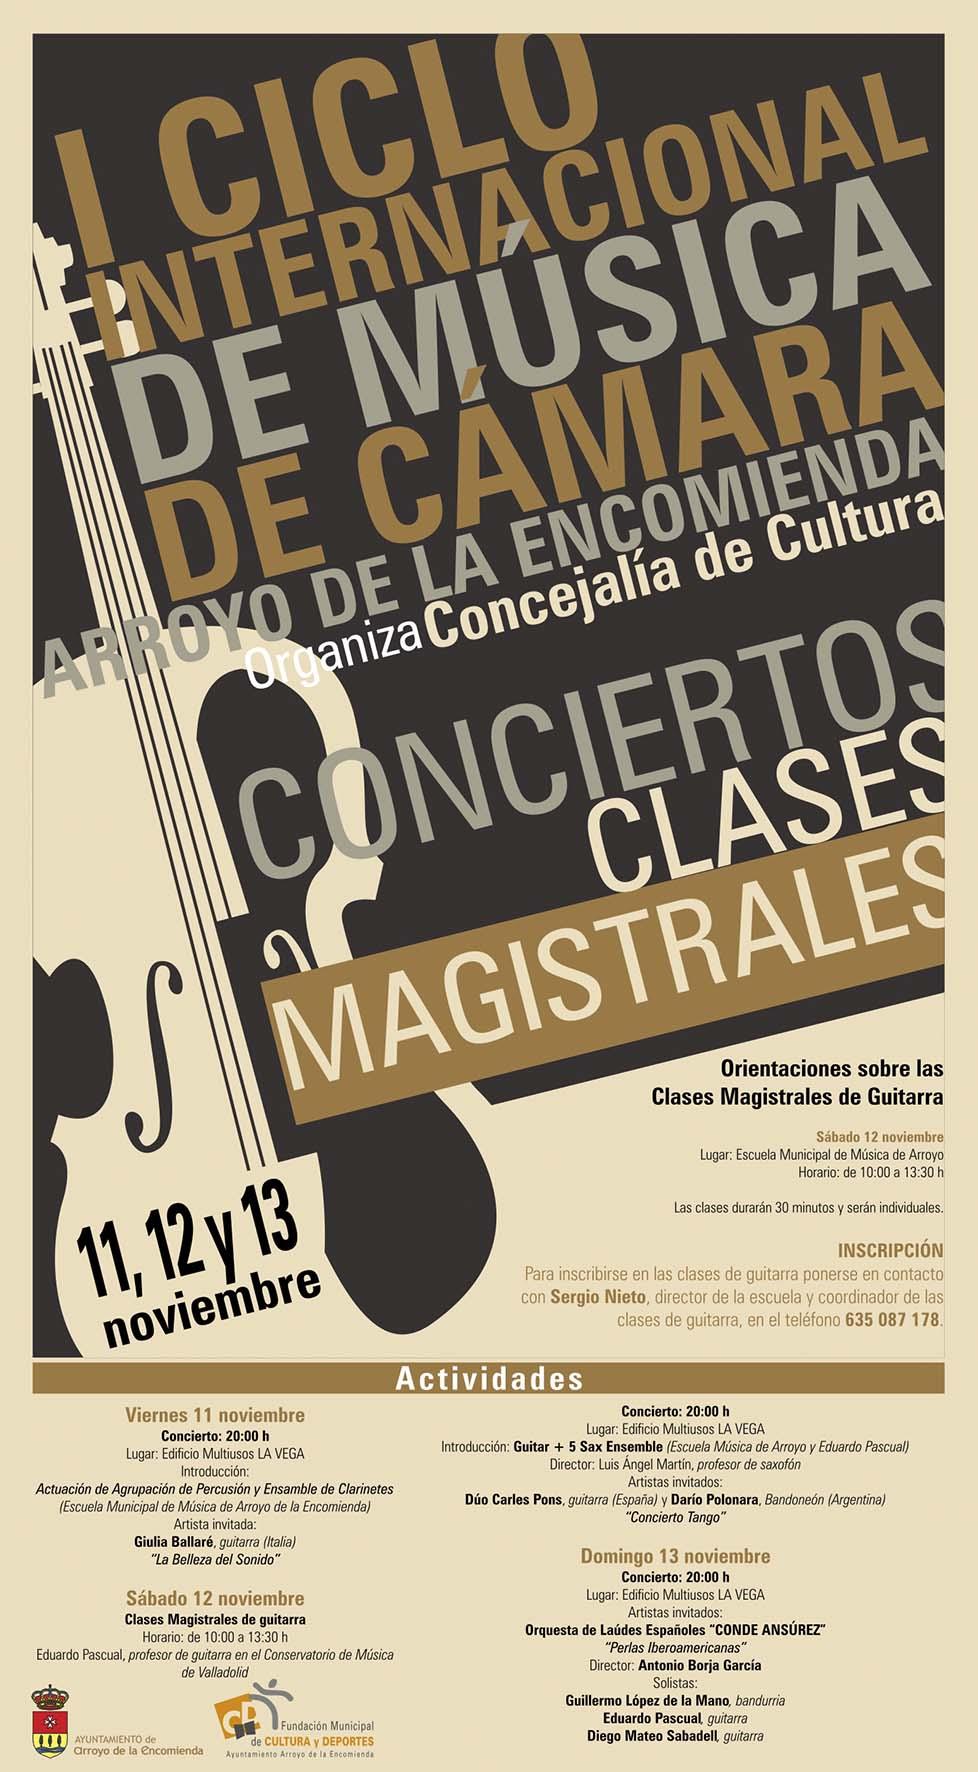 I Ciclo Internacional de Música de Cámara de Arroyo de la Encomienda